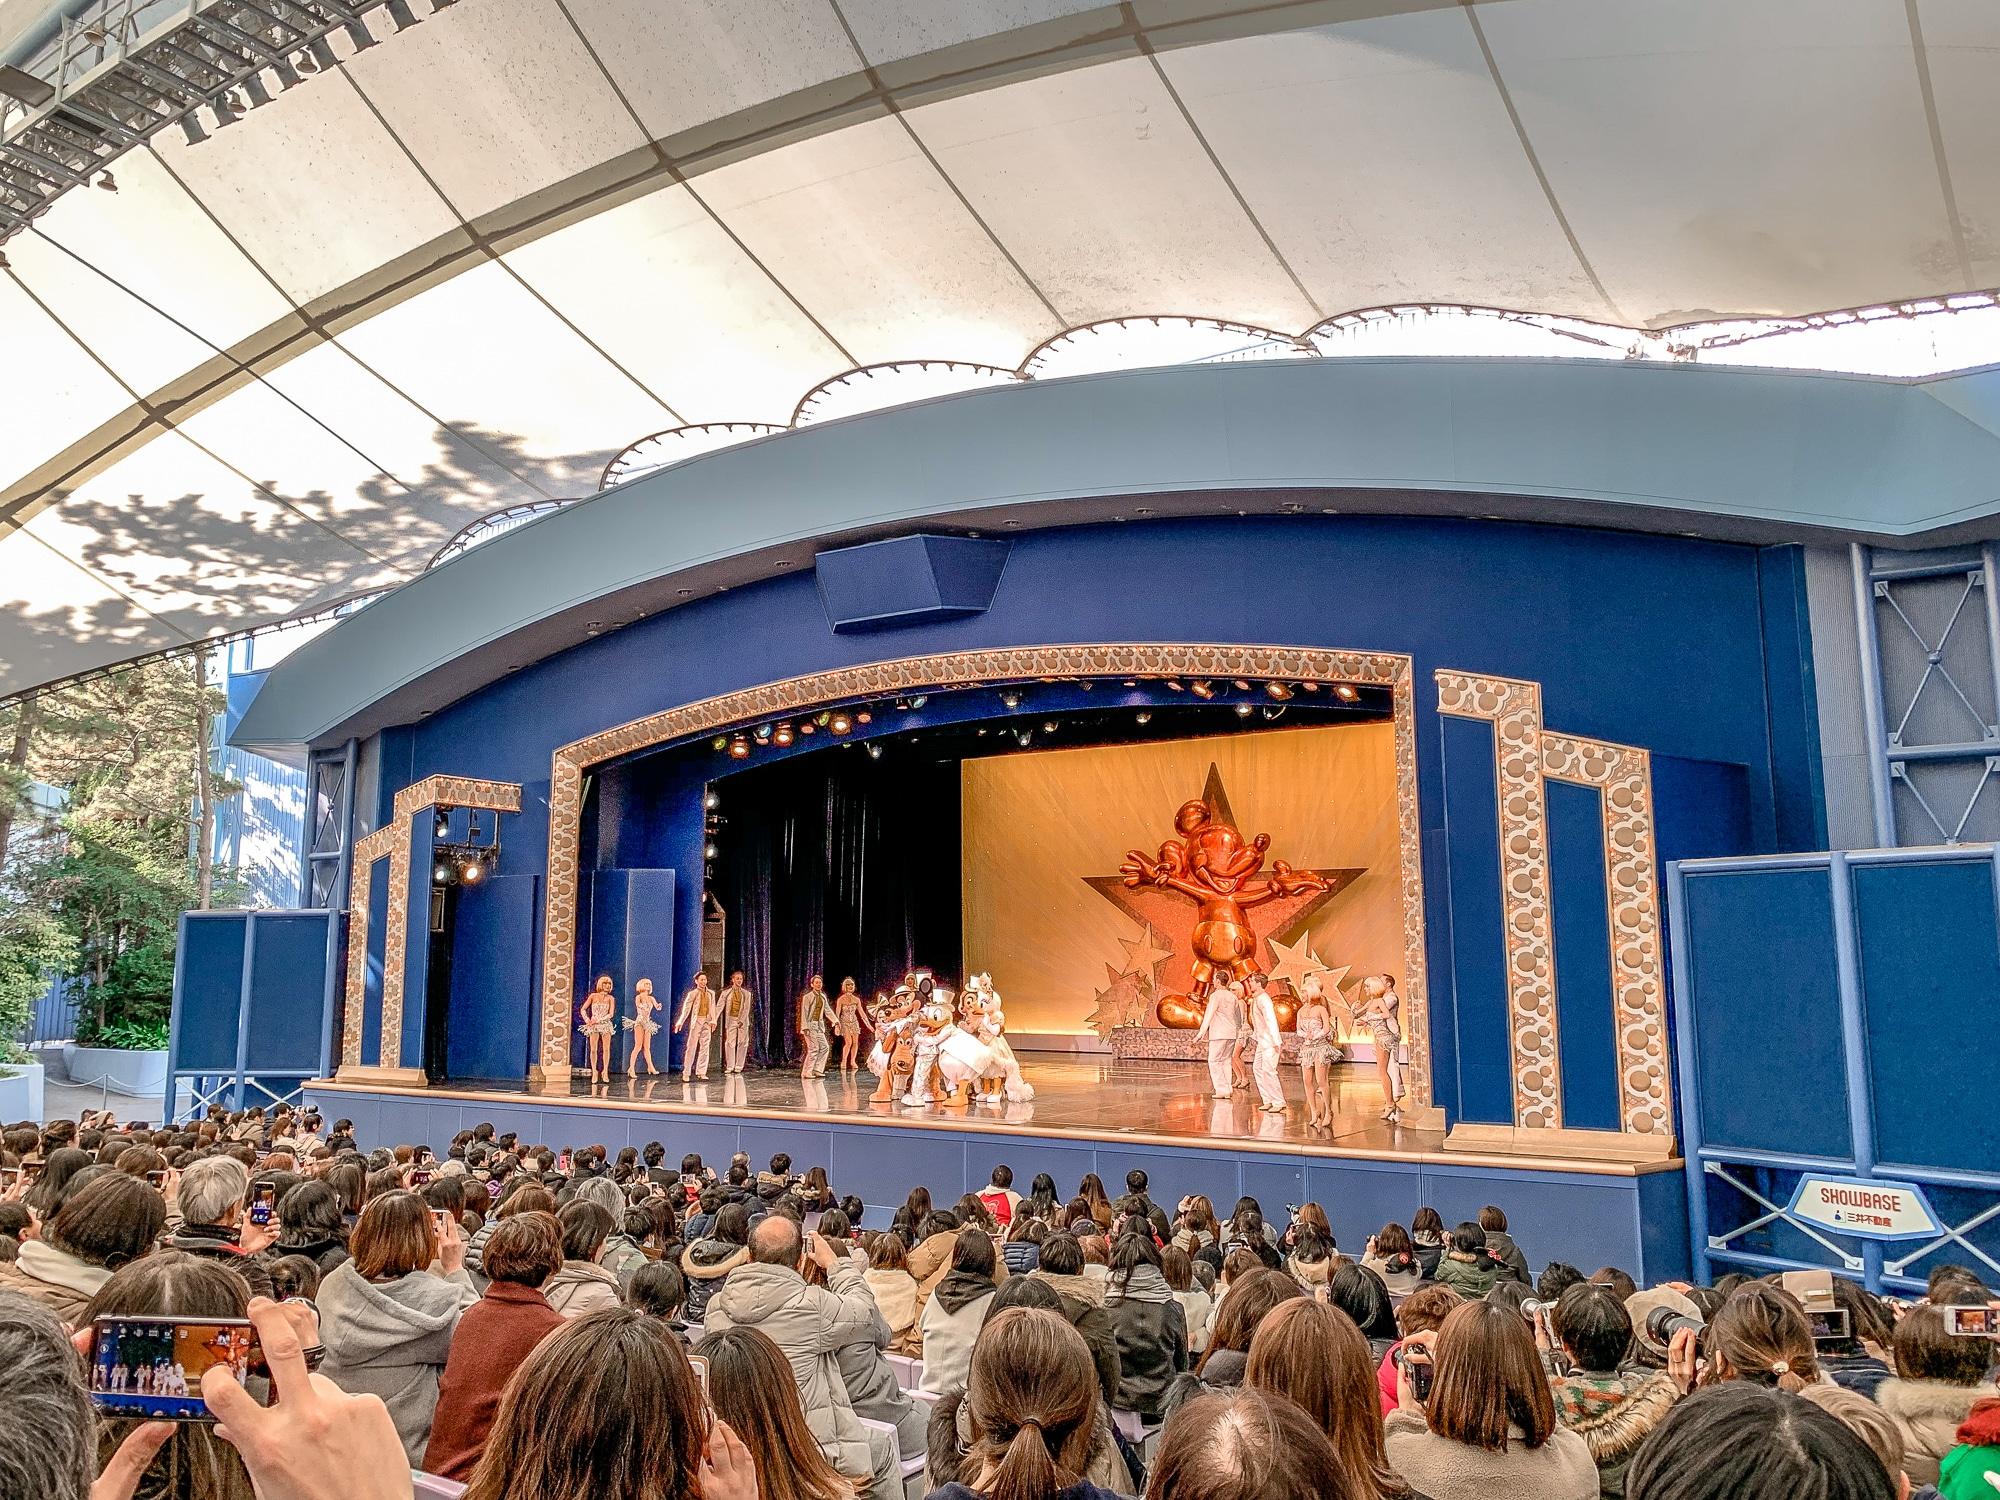 Disneyland Tokio: Meine Erfahrungen, Attraktionen und Highlights im Park - Show